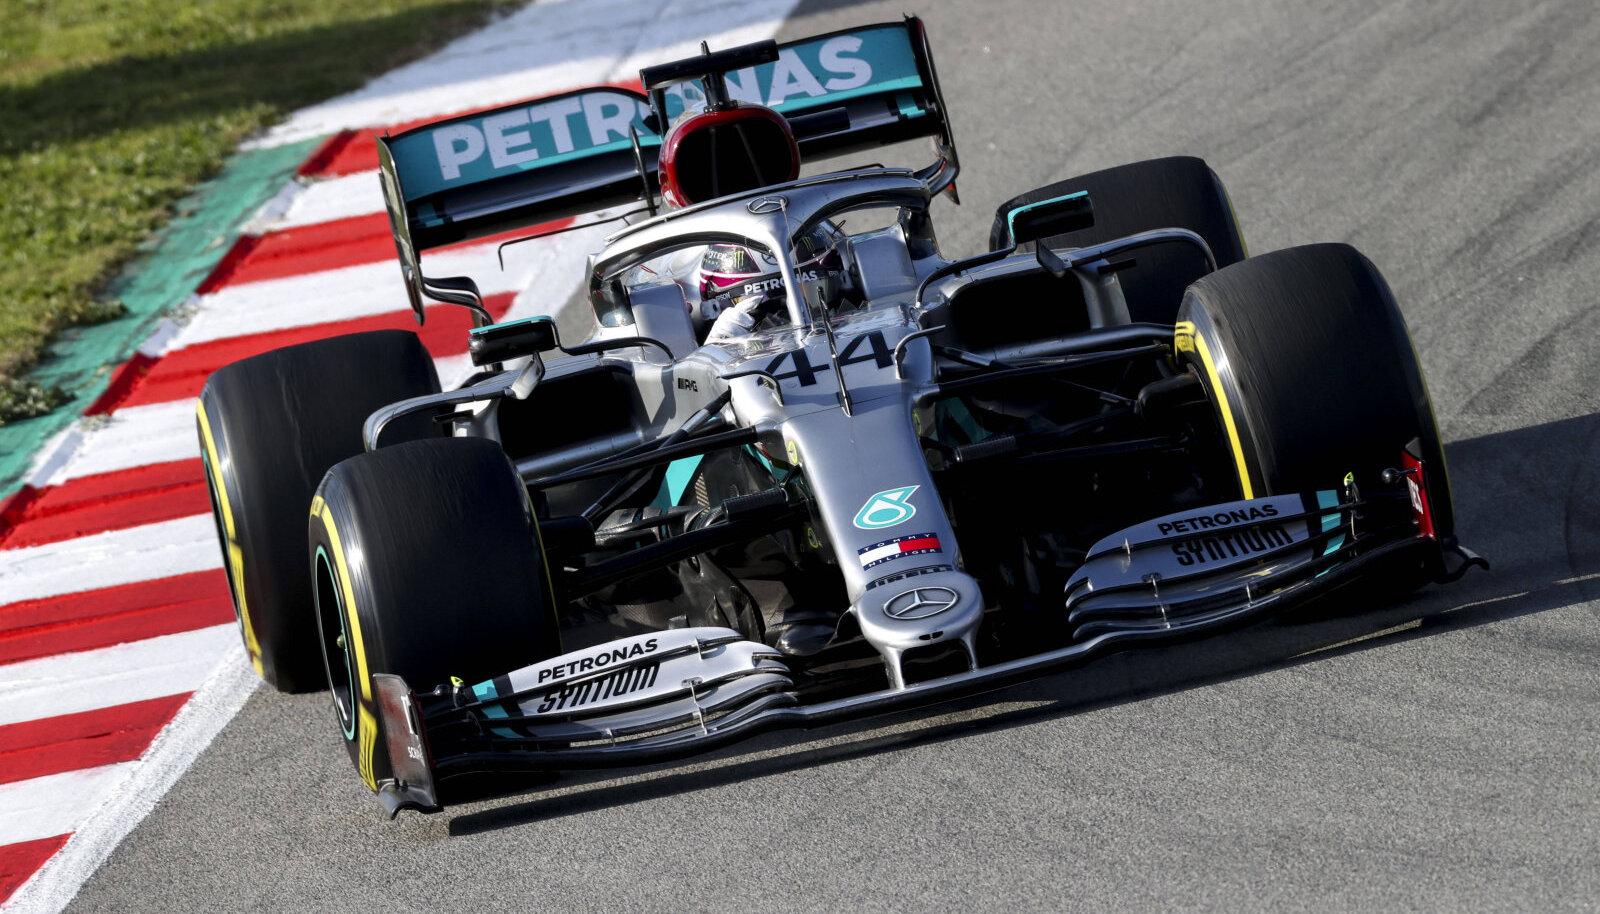 Eelduste kohaselt peaks kuuekordne maailmameister Lewis Hamilton sprindivõistlustele startima tagaotsast.